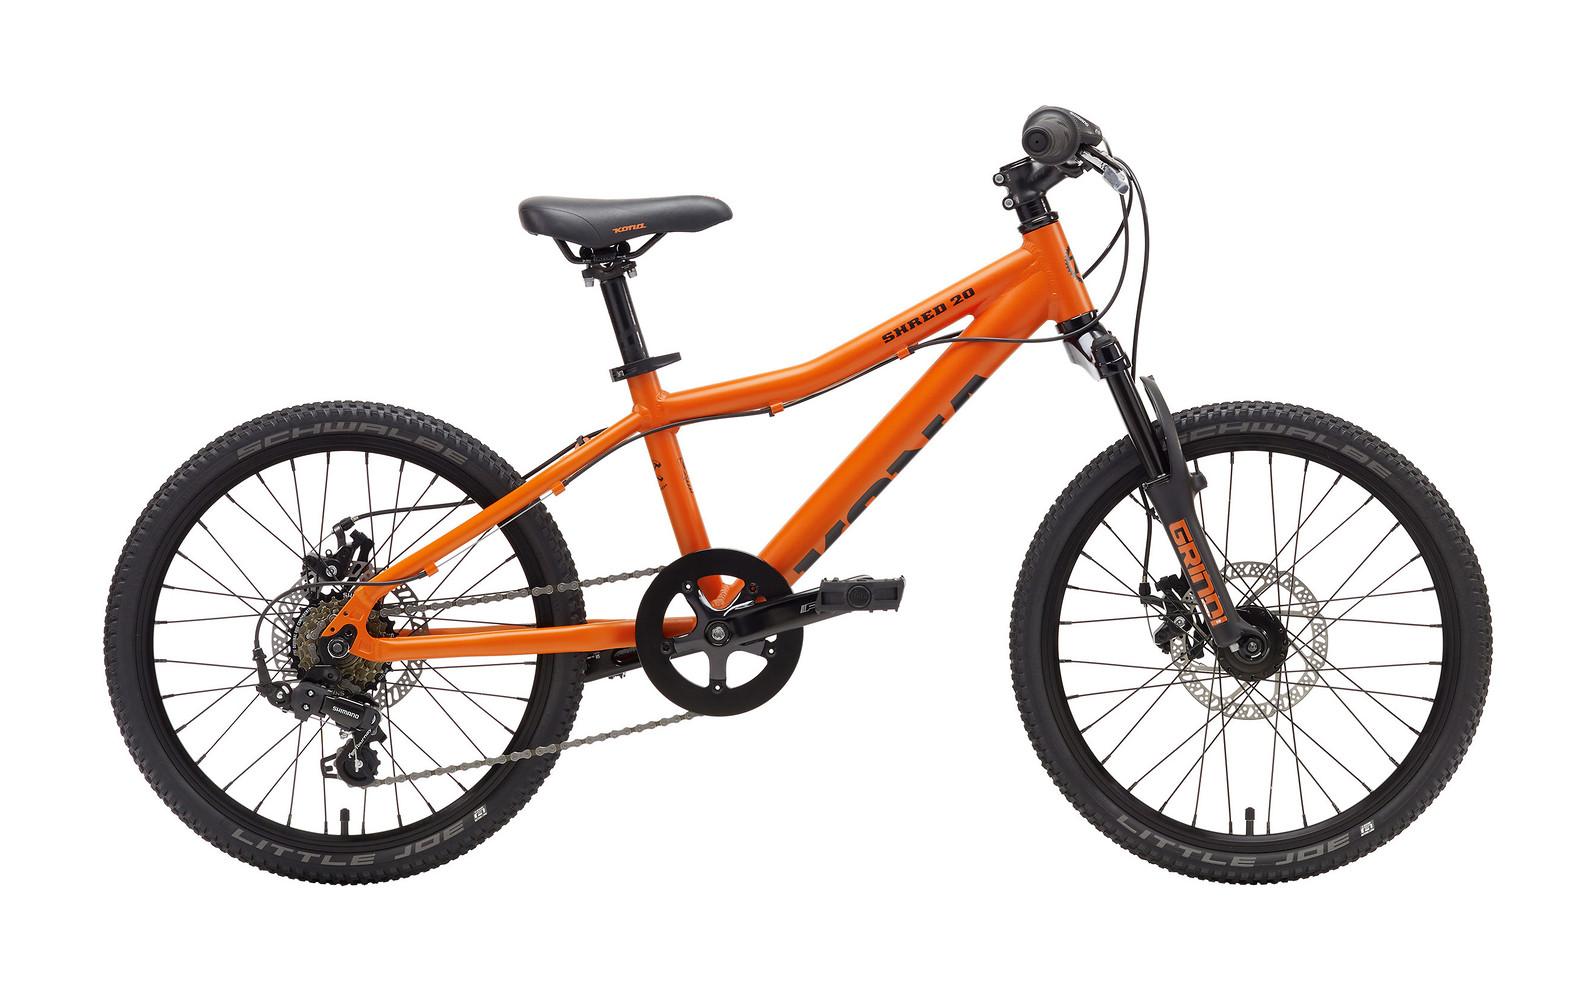 2017 Kona Shred 20 Bike